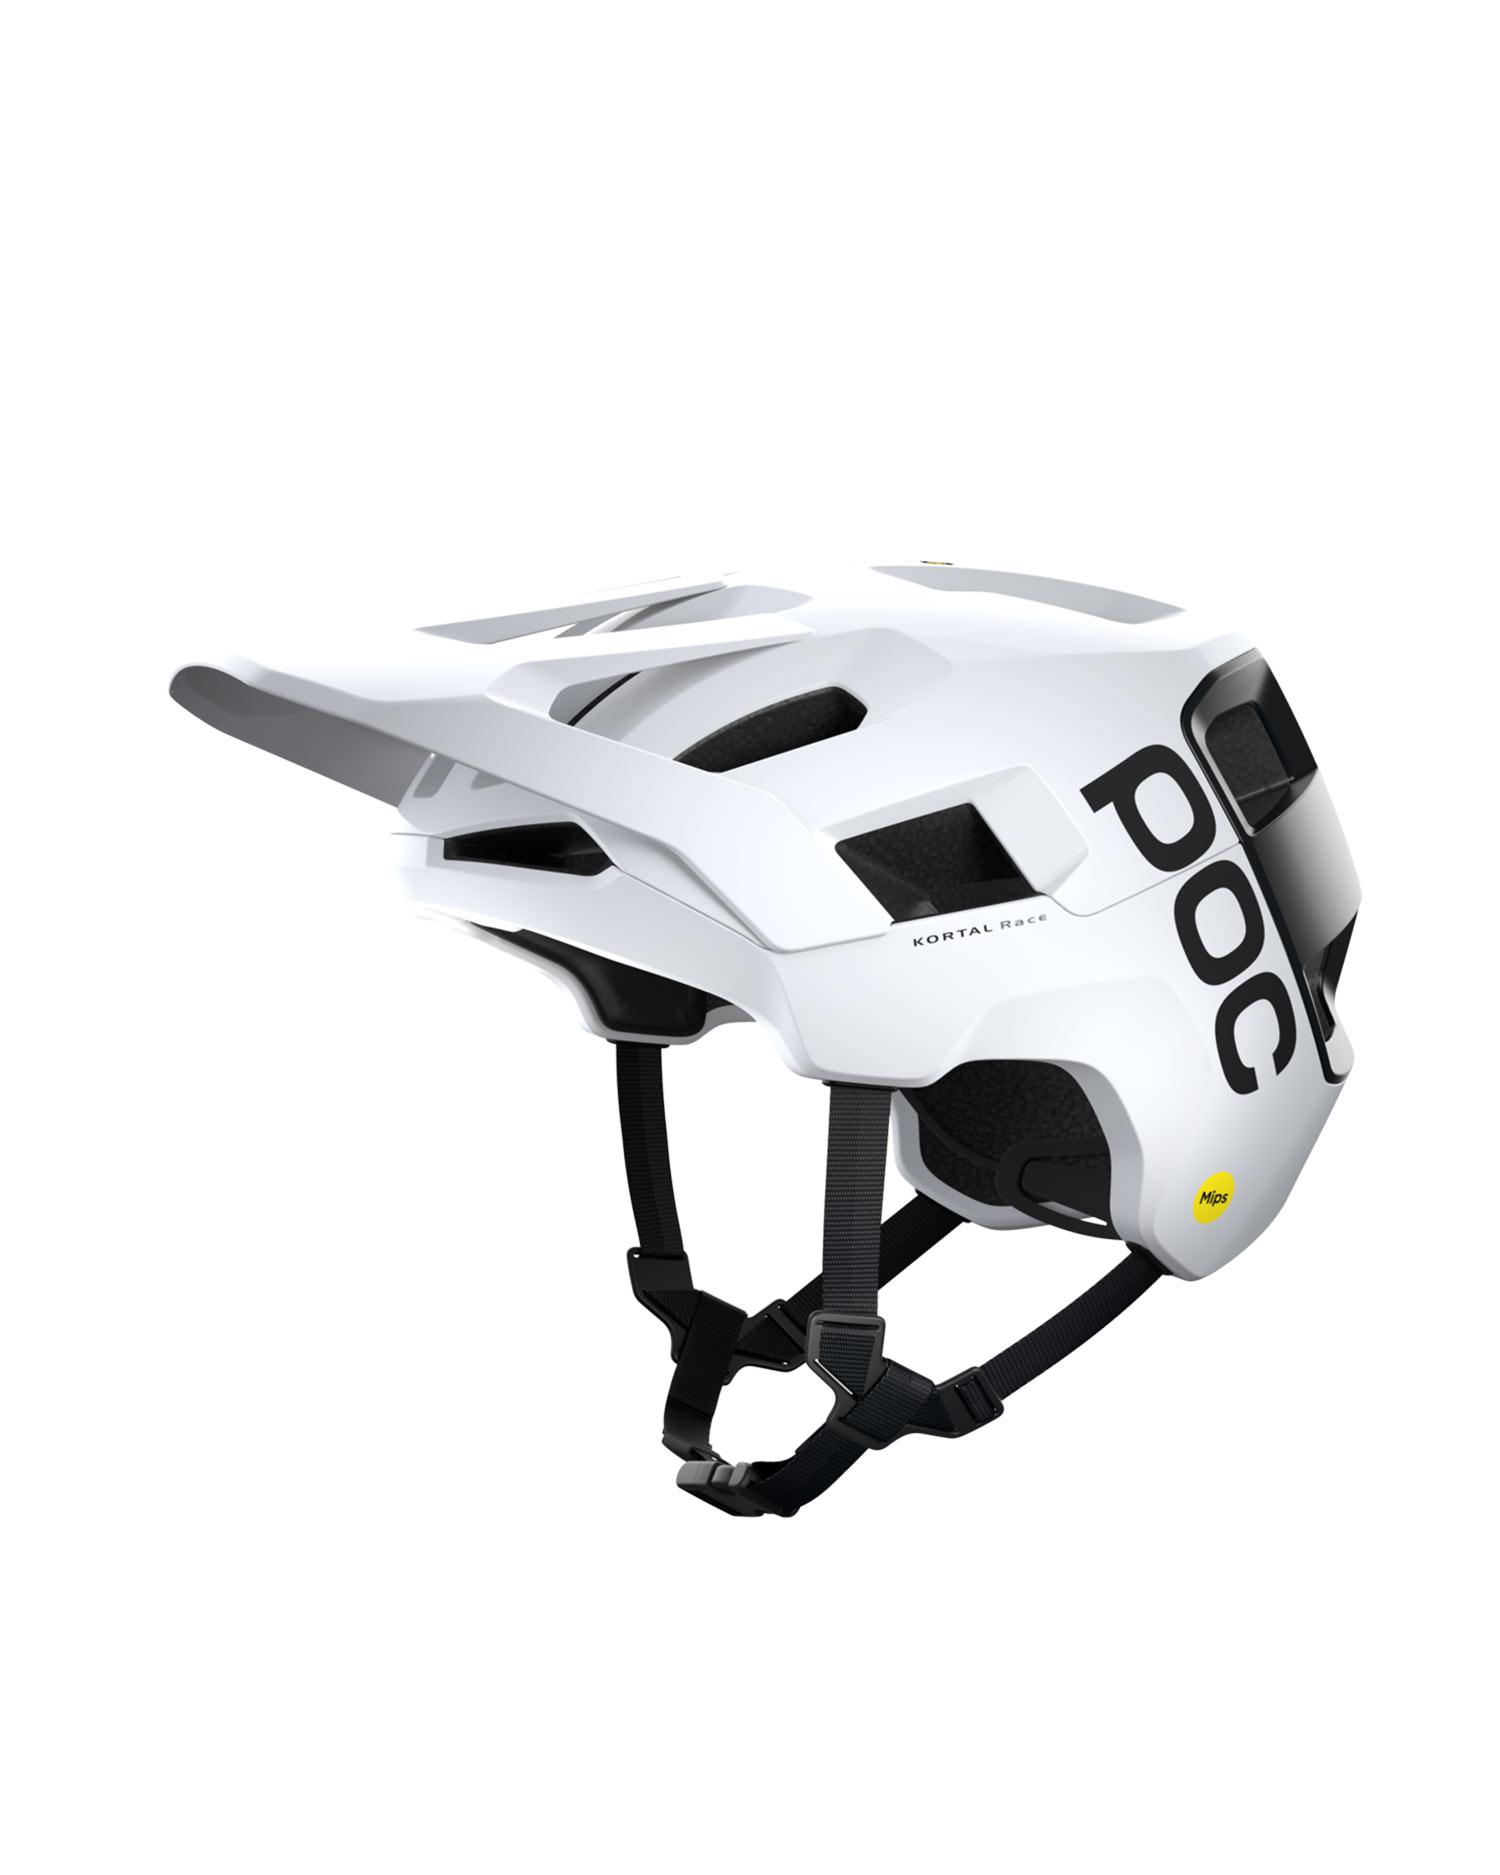 Cyklistická helma POC KORTAL RACE MIPS